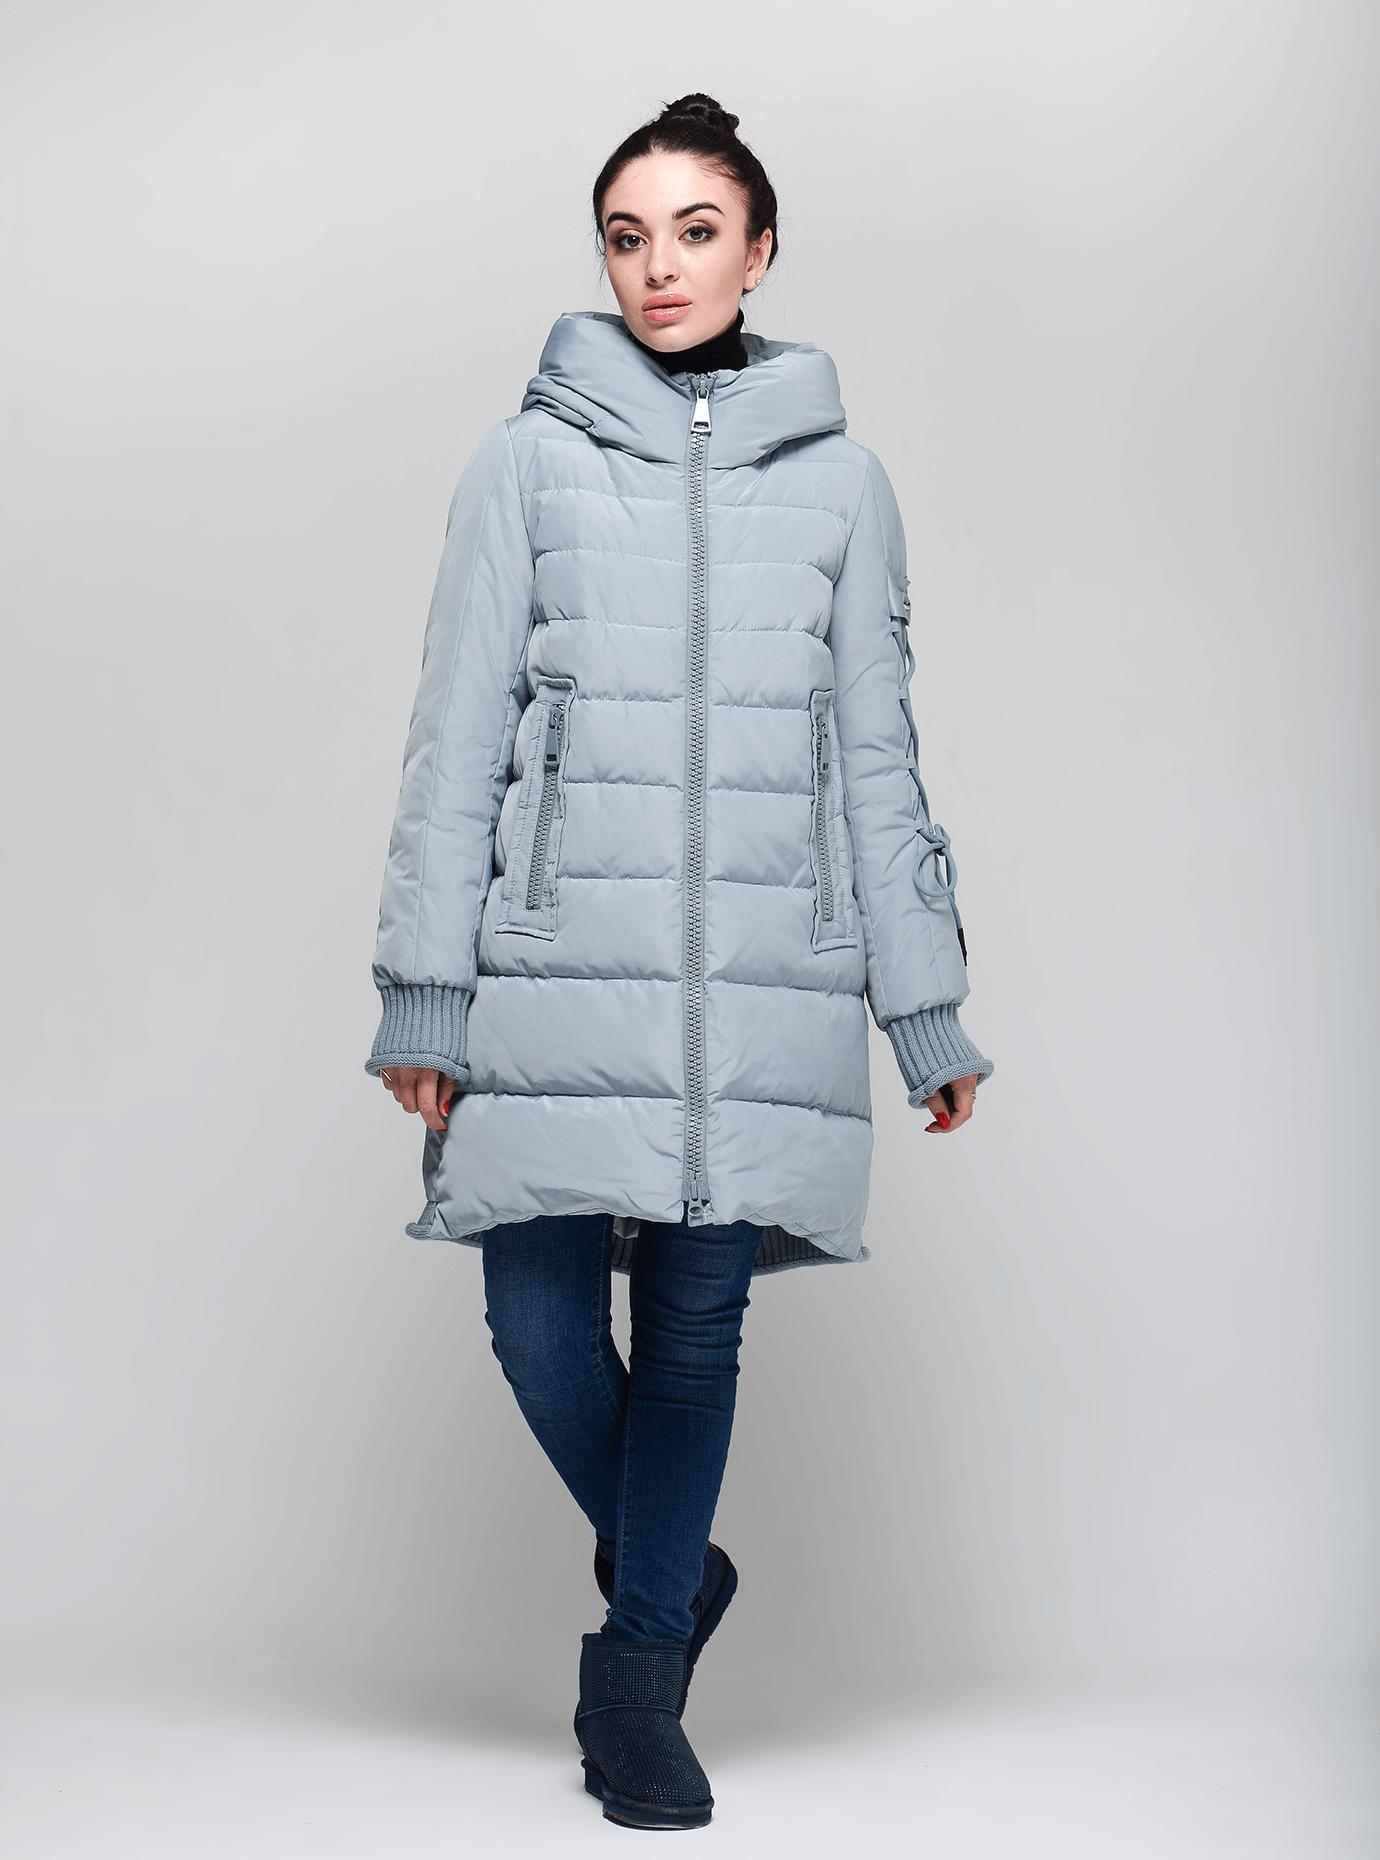 Женская зимняя куртка Светло-голубой S (02-190242): фото - Alster.ua